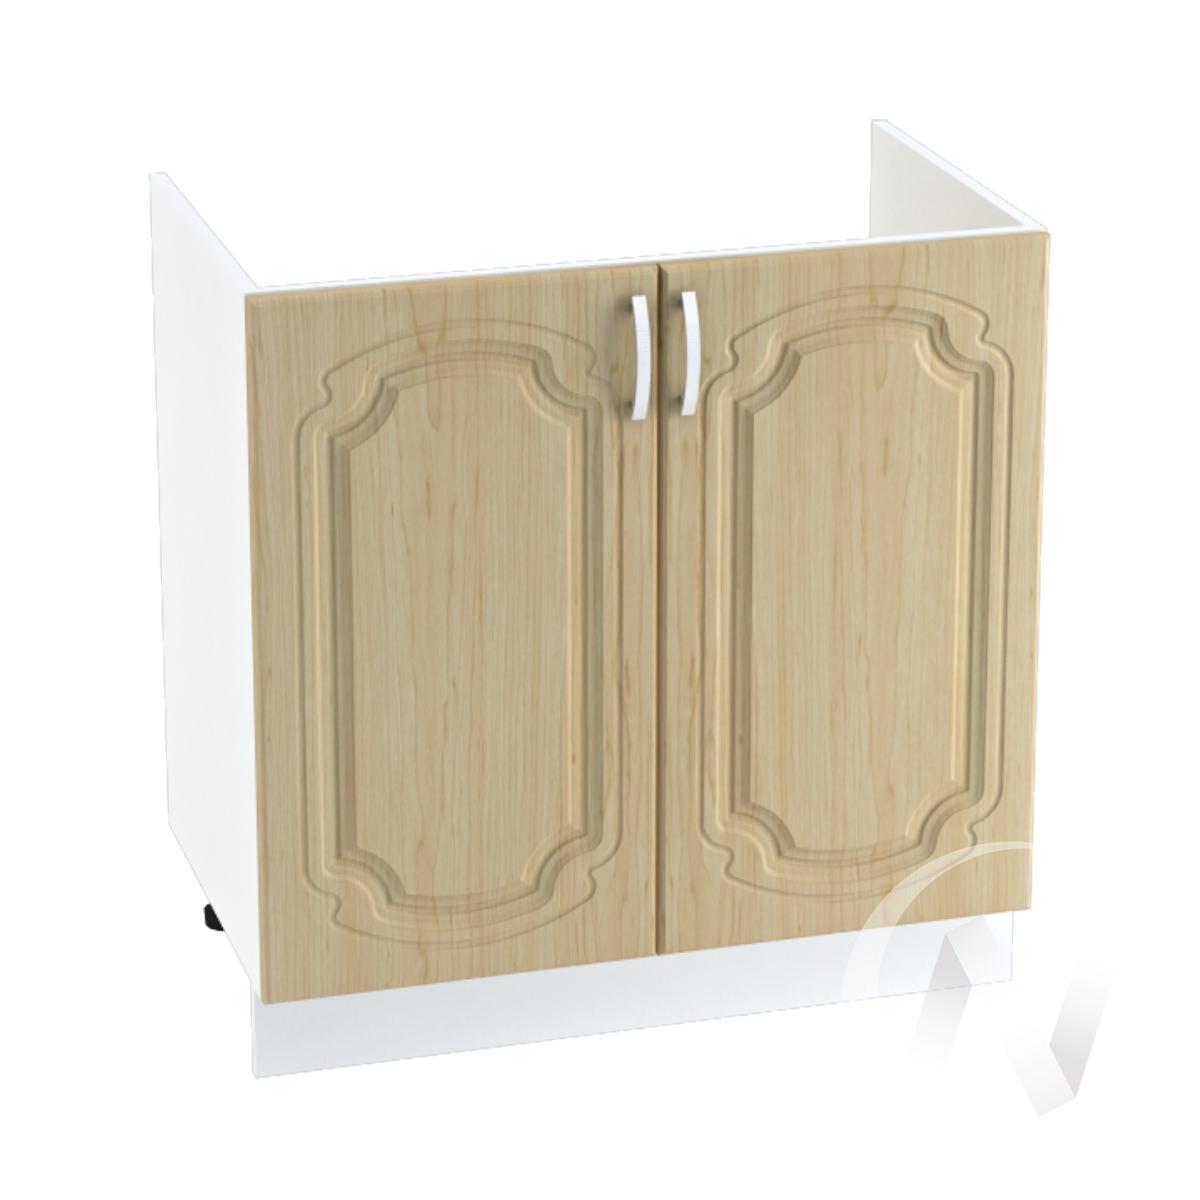 """Кухня """"Настя"""": Шкаф нижний под мойку 800, ШНМ 800 новый (Береза/корпус белый)"""